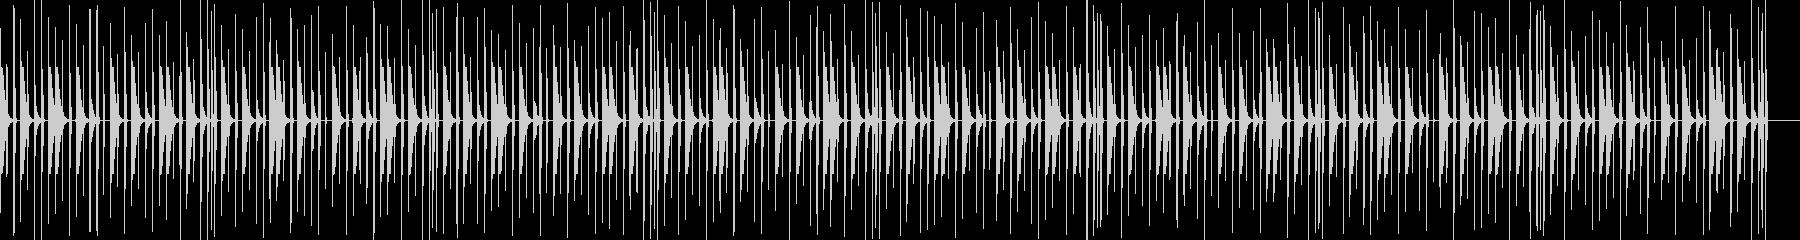 チープなドラムフレーズの未再生の波形